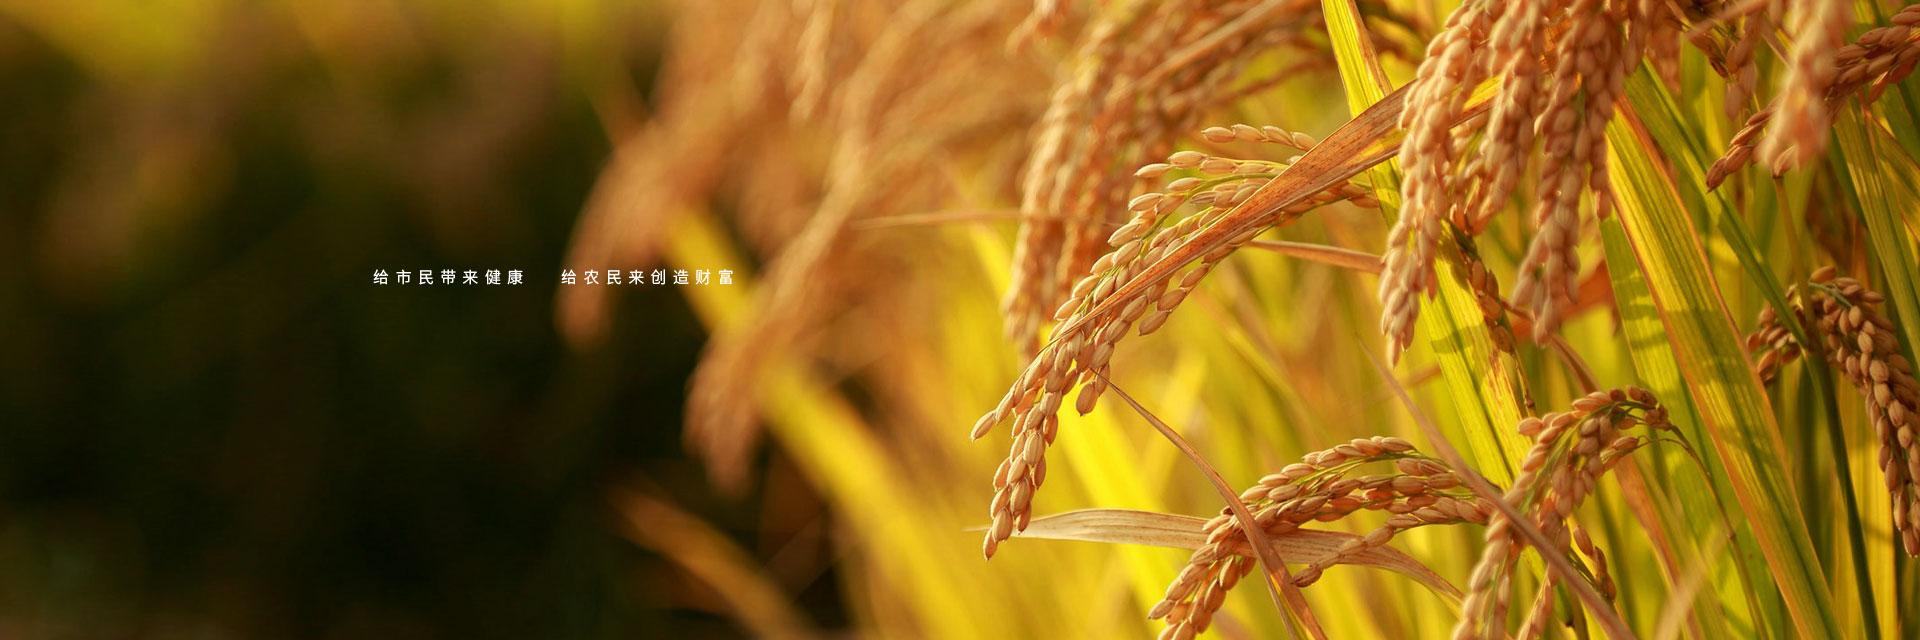 给市民带来健康 给农民创造财富